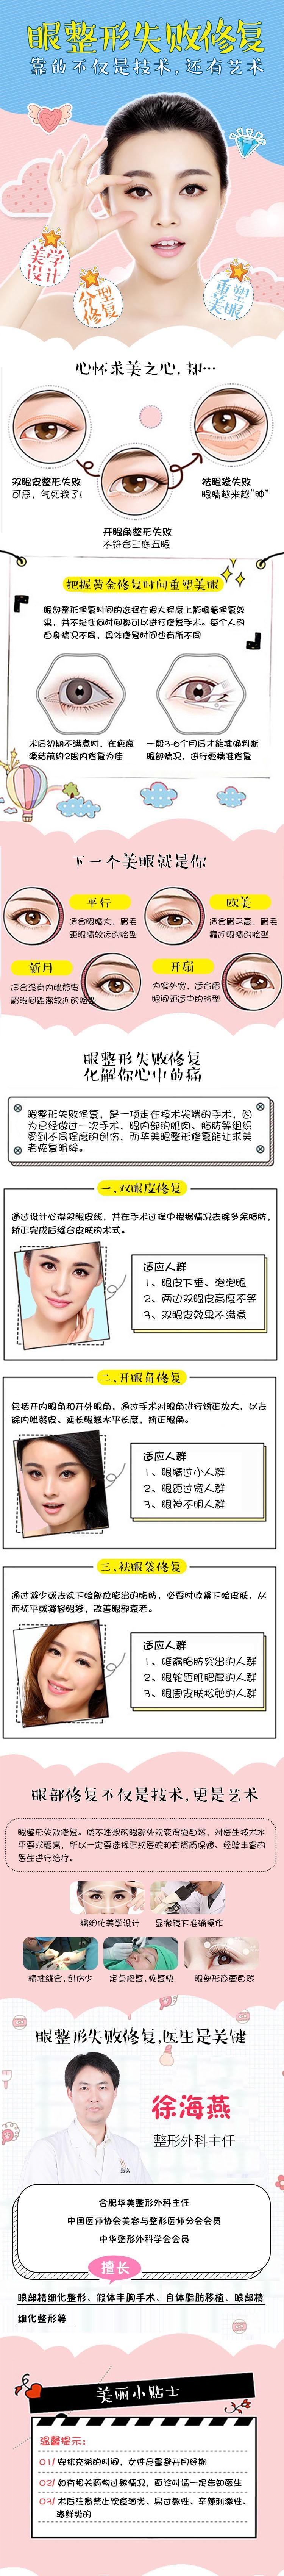 双眼皮修复(1).jpg